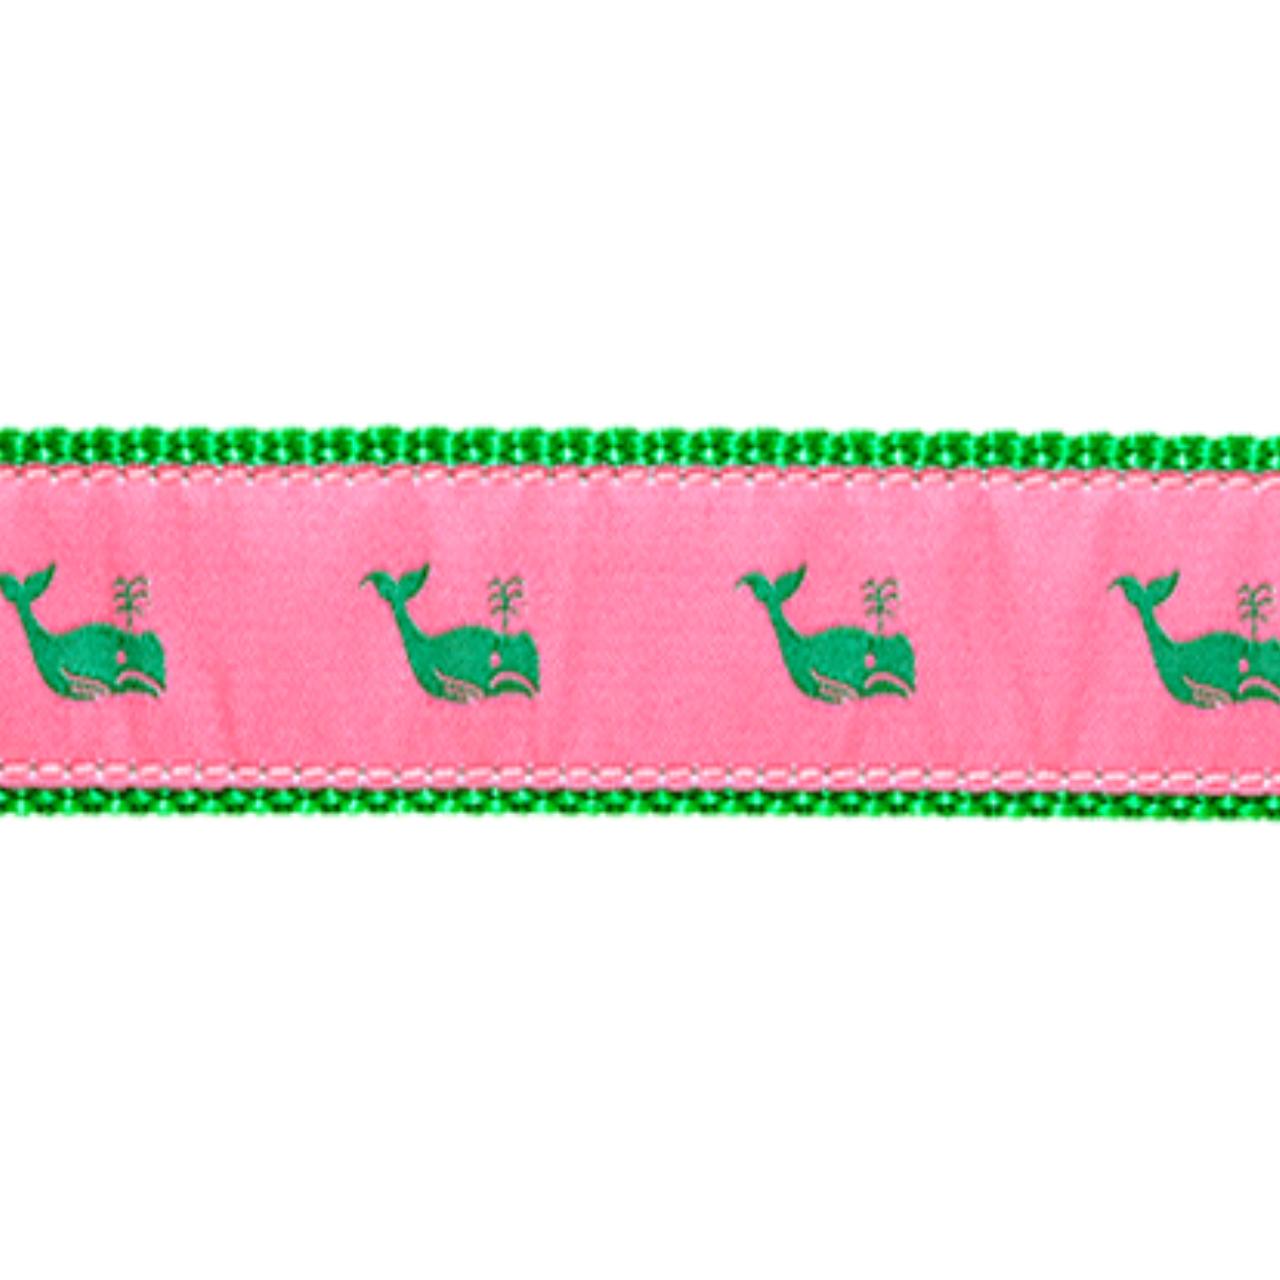 PRESTON Kelly Whale Dog Collar